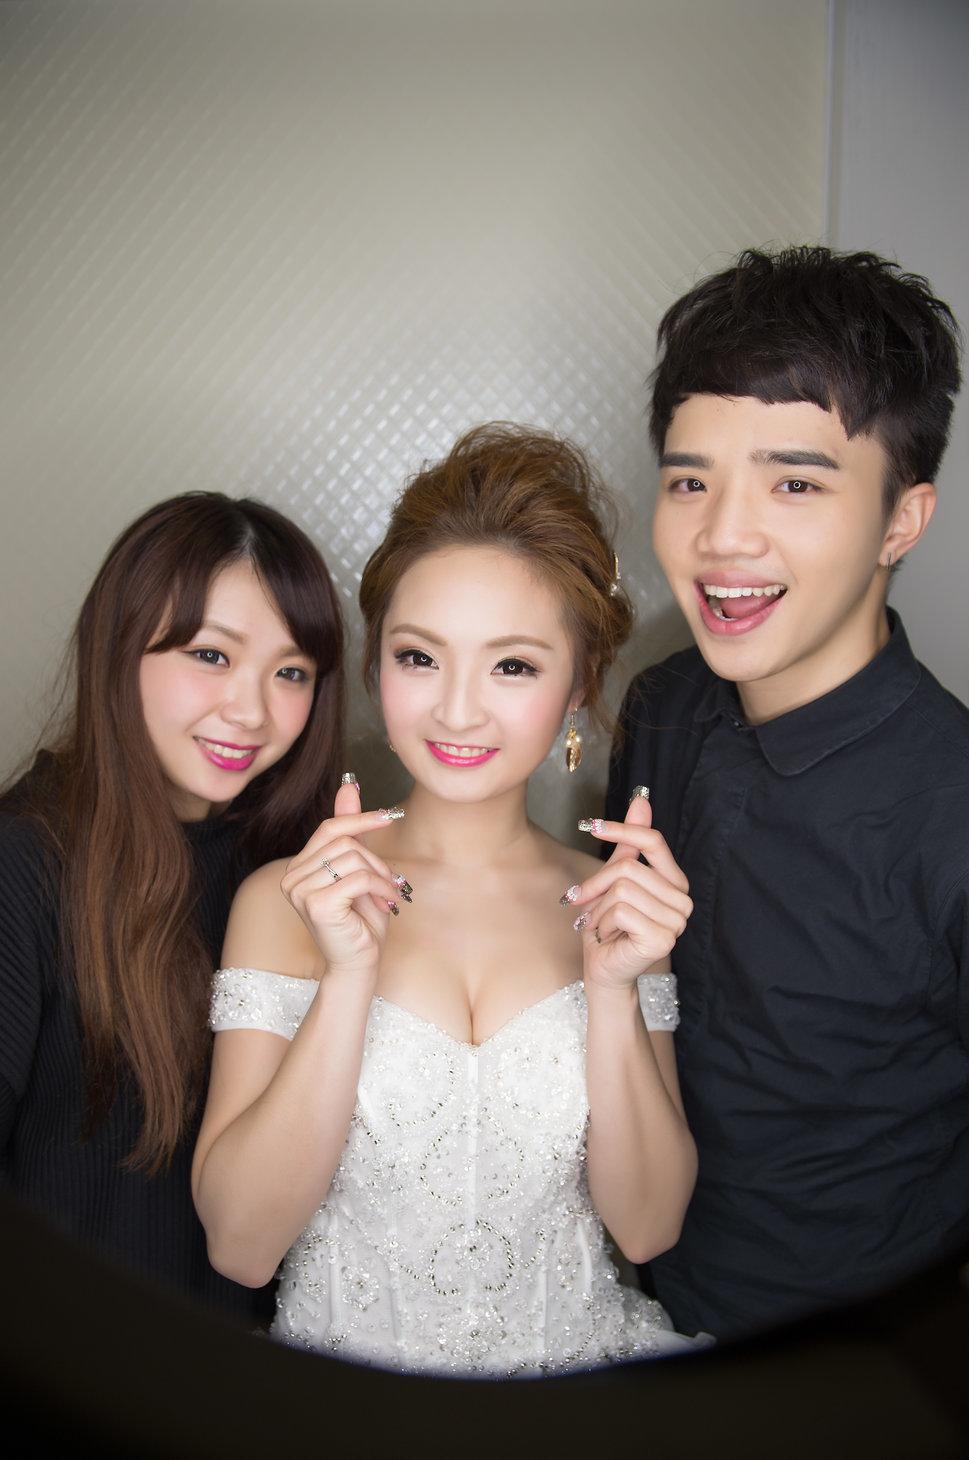 [台北婚攝] 訂婚迎娶儀式@雙岩龍鳳城(編號:432270) - LoveStoryAllen IMAGE - 結婚吧一站式婚禮服務平台